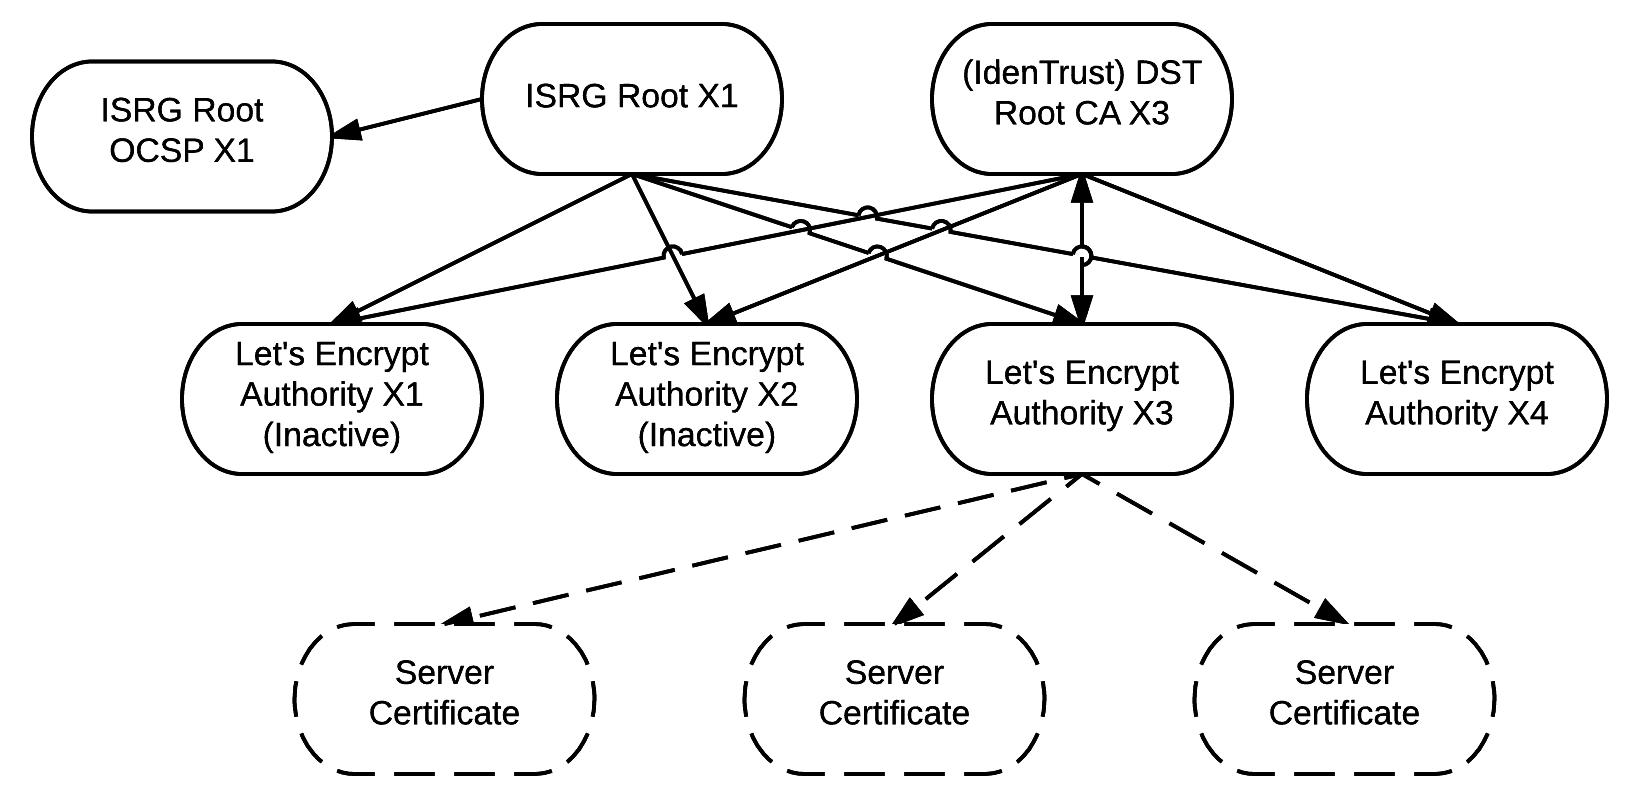 讓我們加密吧憑證關係圖